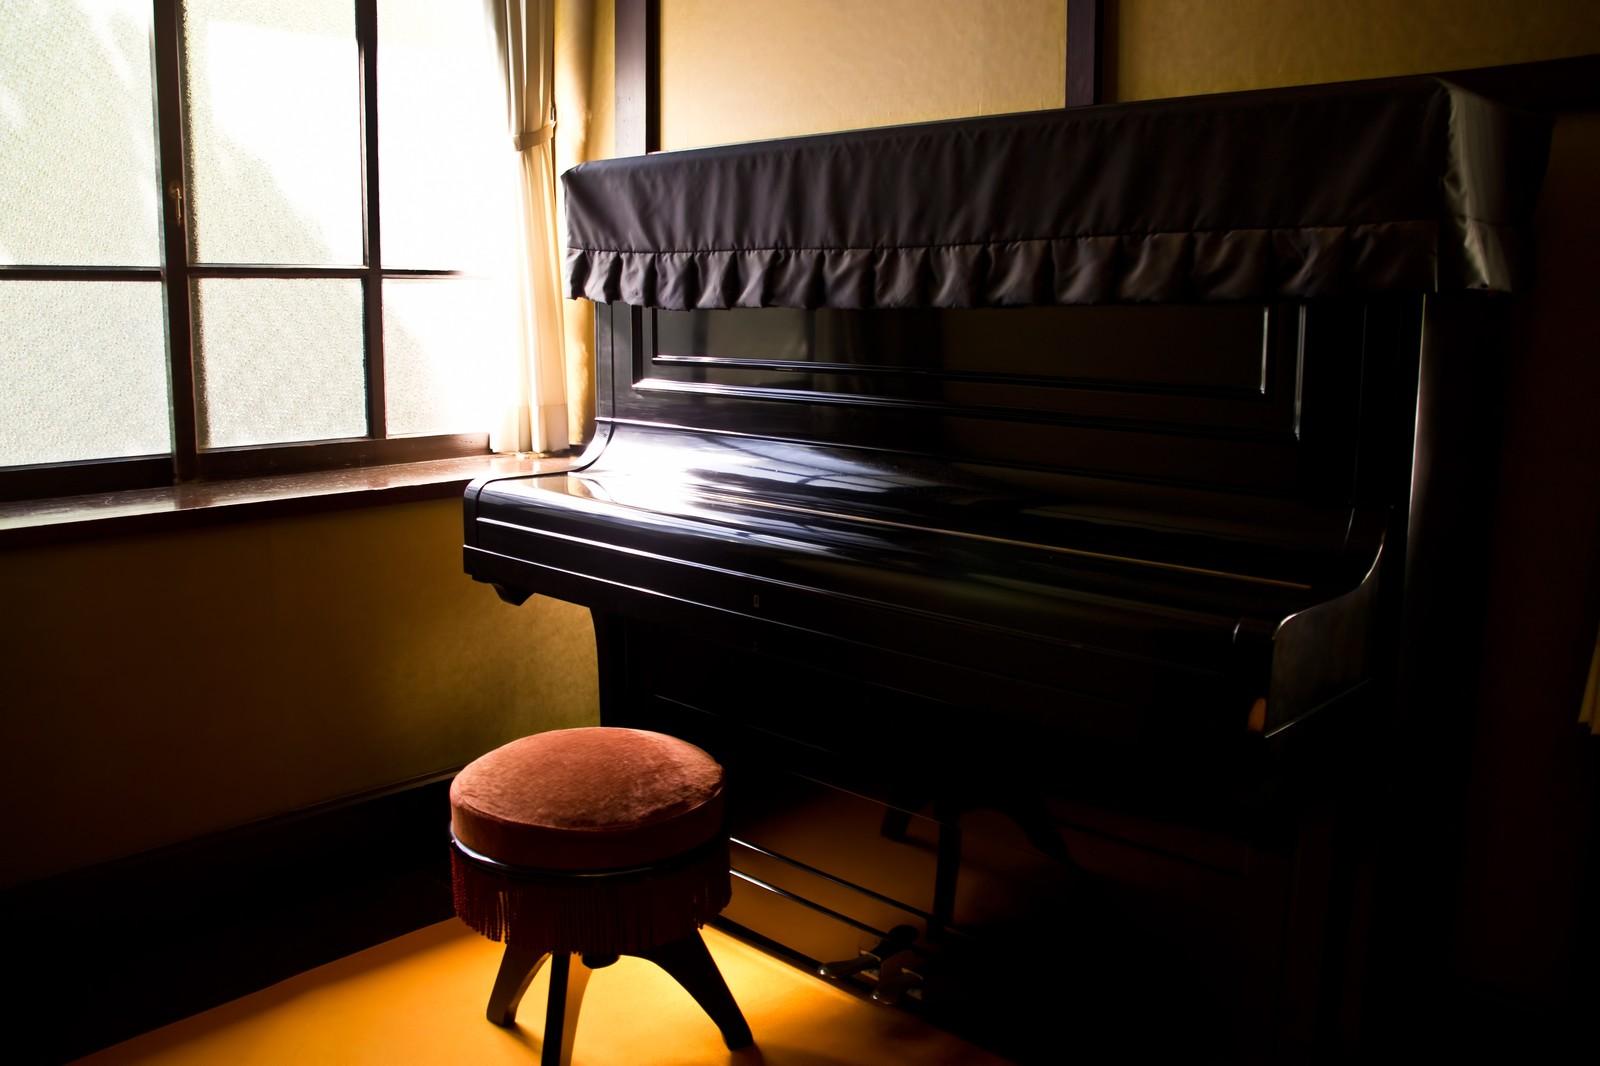 【初心者さん向け】失敗しないピアノの選び方。ライフスタイルに合わせて選ぼう!